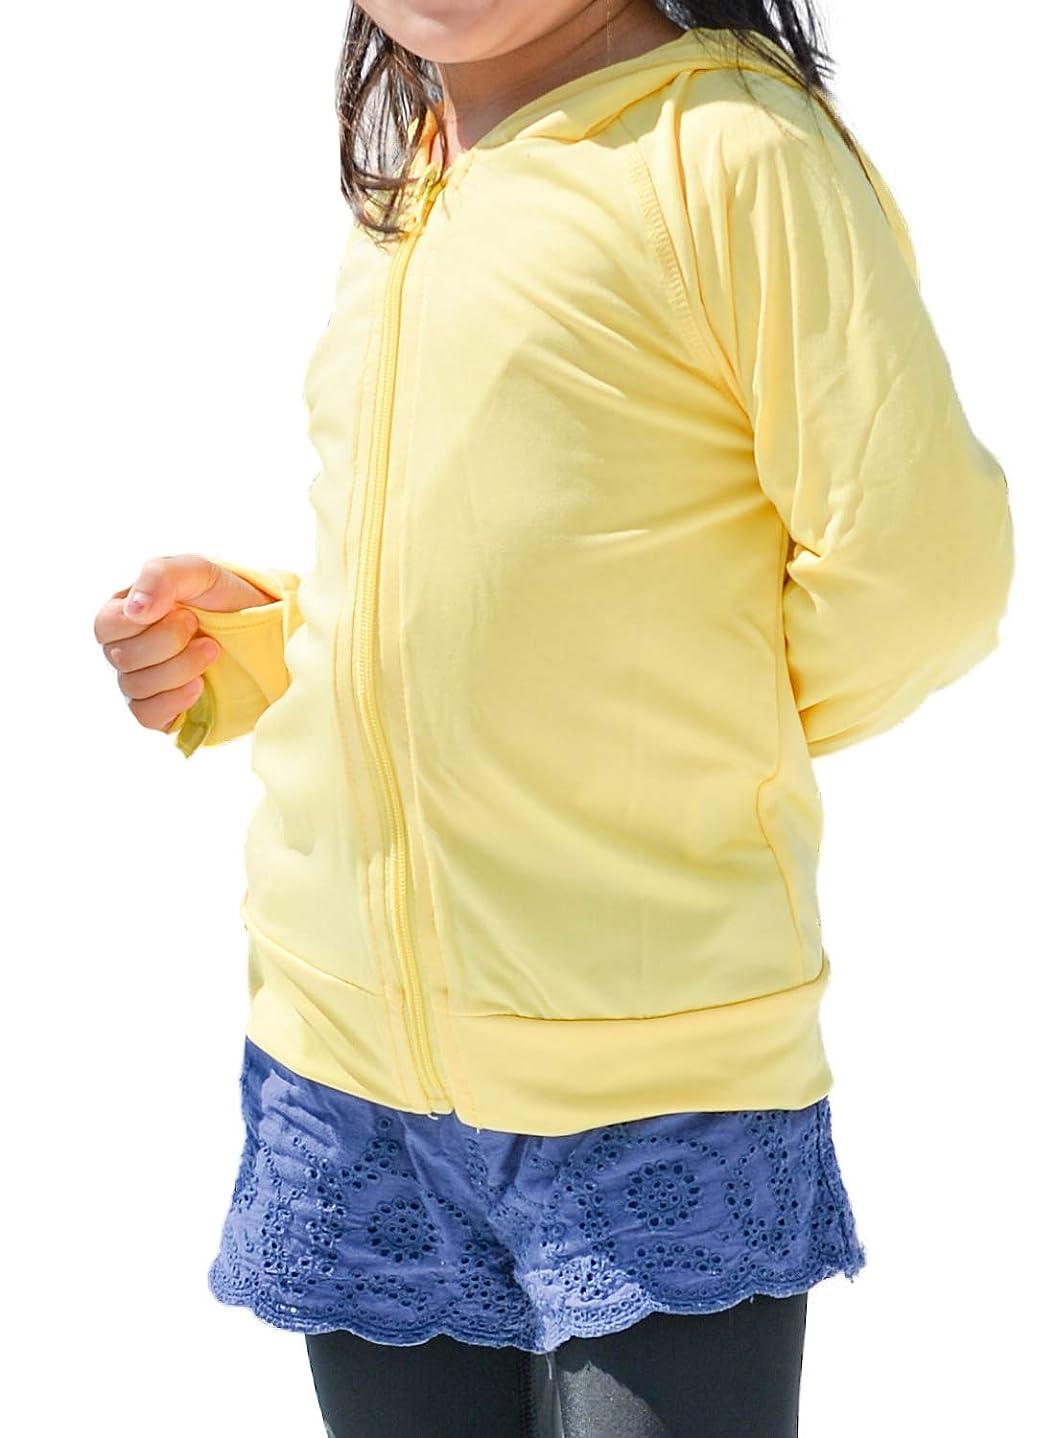 タンク対立最も早い[アウニイ] ラフ ラッシュガード UV 90%カット パーカー 長袖 日焼け止め 紫外線対策 キッズ